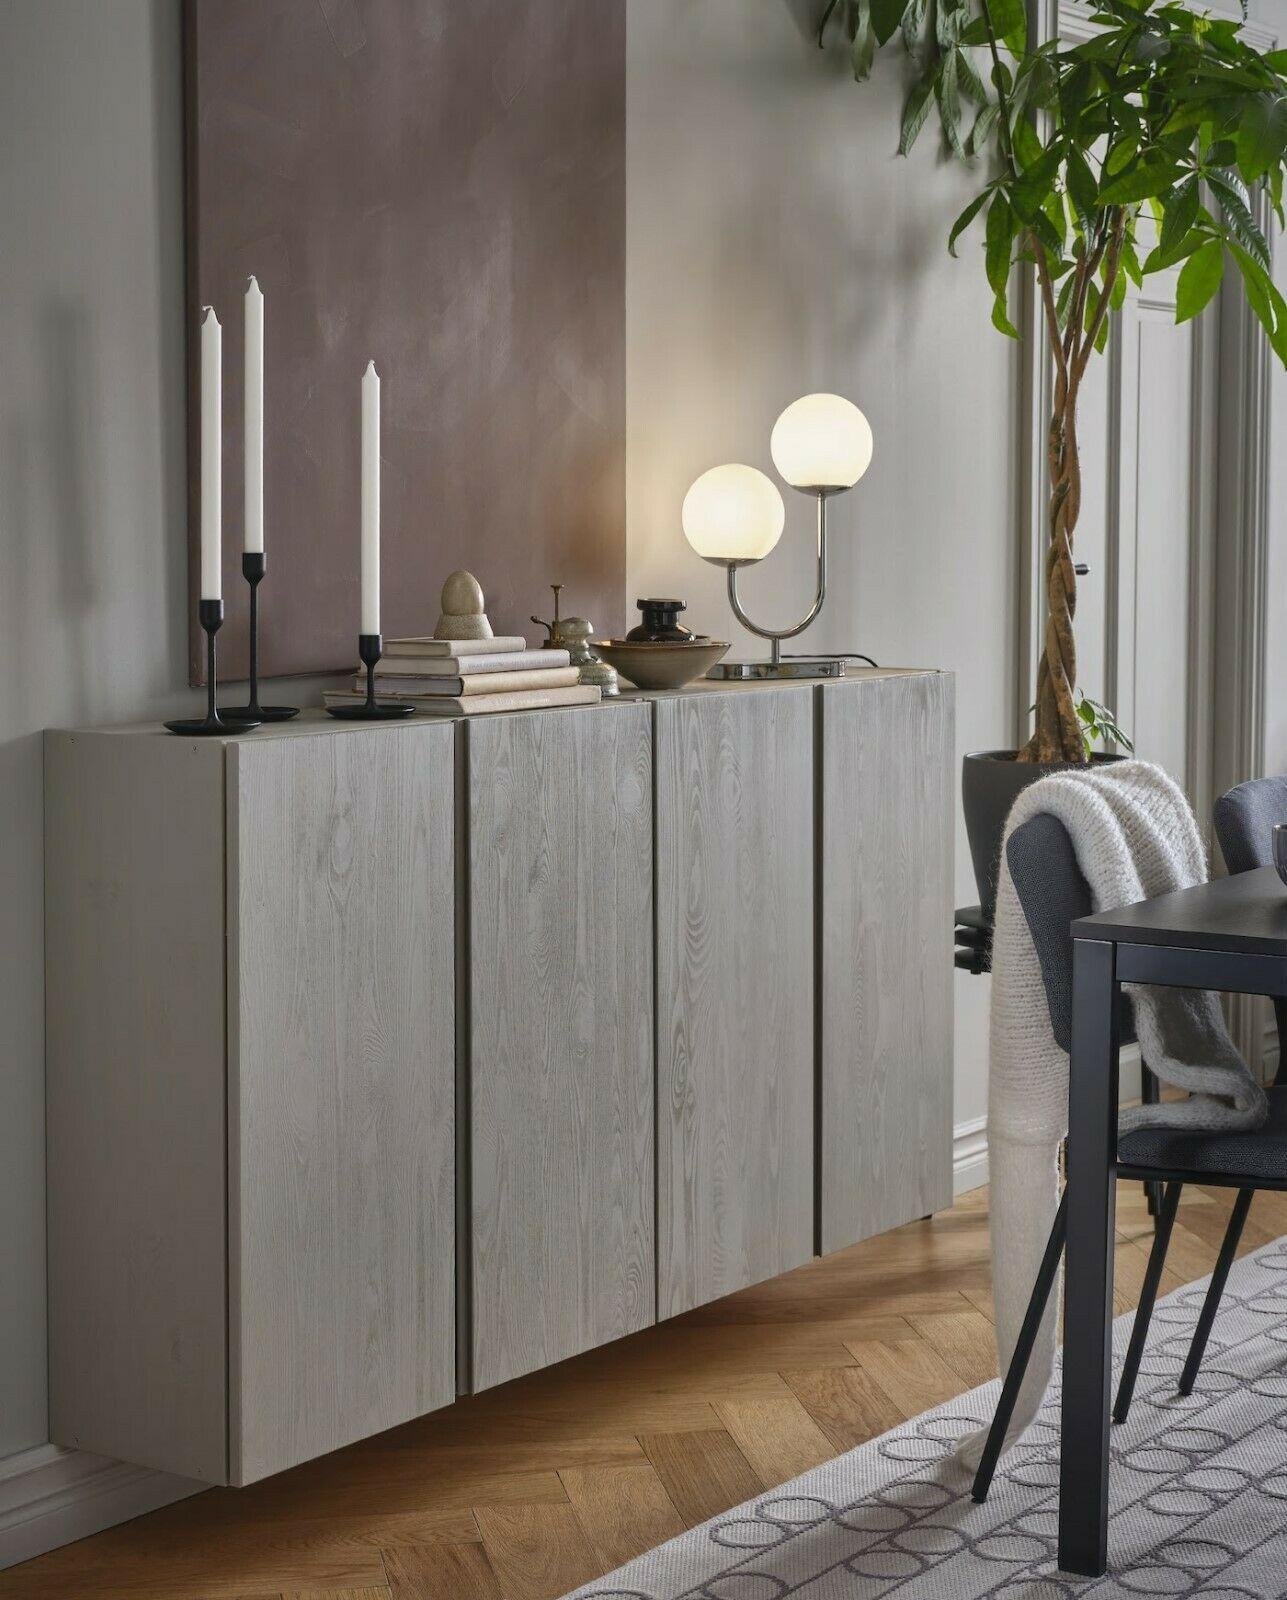 Ikea 2021 Nouveau Catalogue Les Premieres Photos Donnent Des Envies De Changement Planete Deco A Homes World En 2020 Ikea Inspiration Ikea Deco Entree Maison